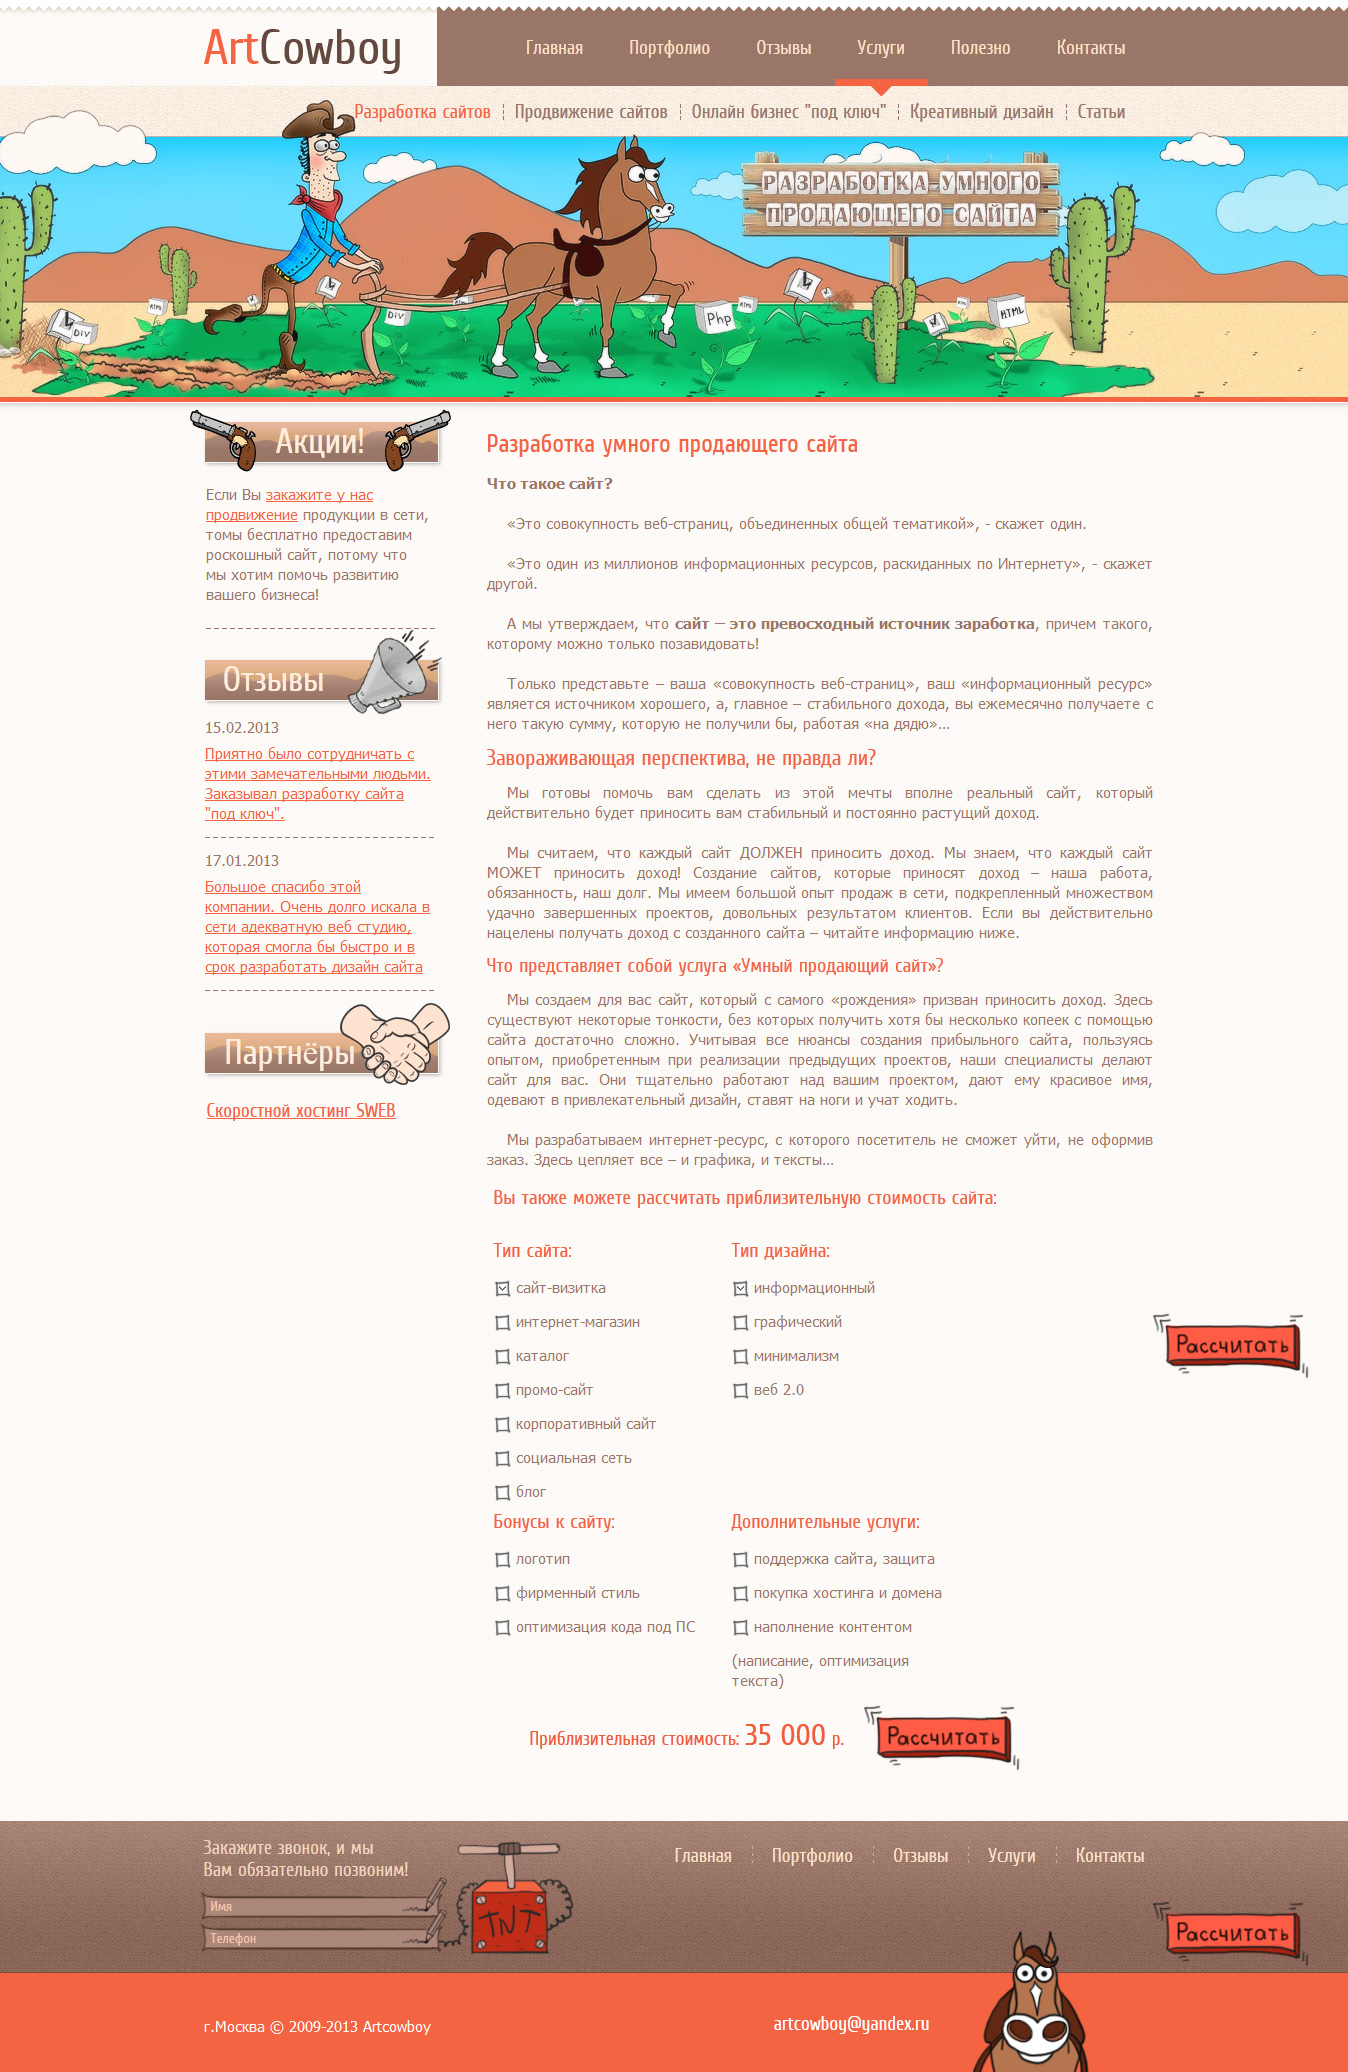 artowboy.ru - разработка сайтов